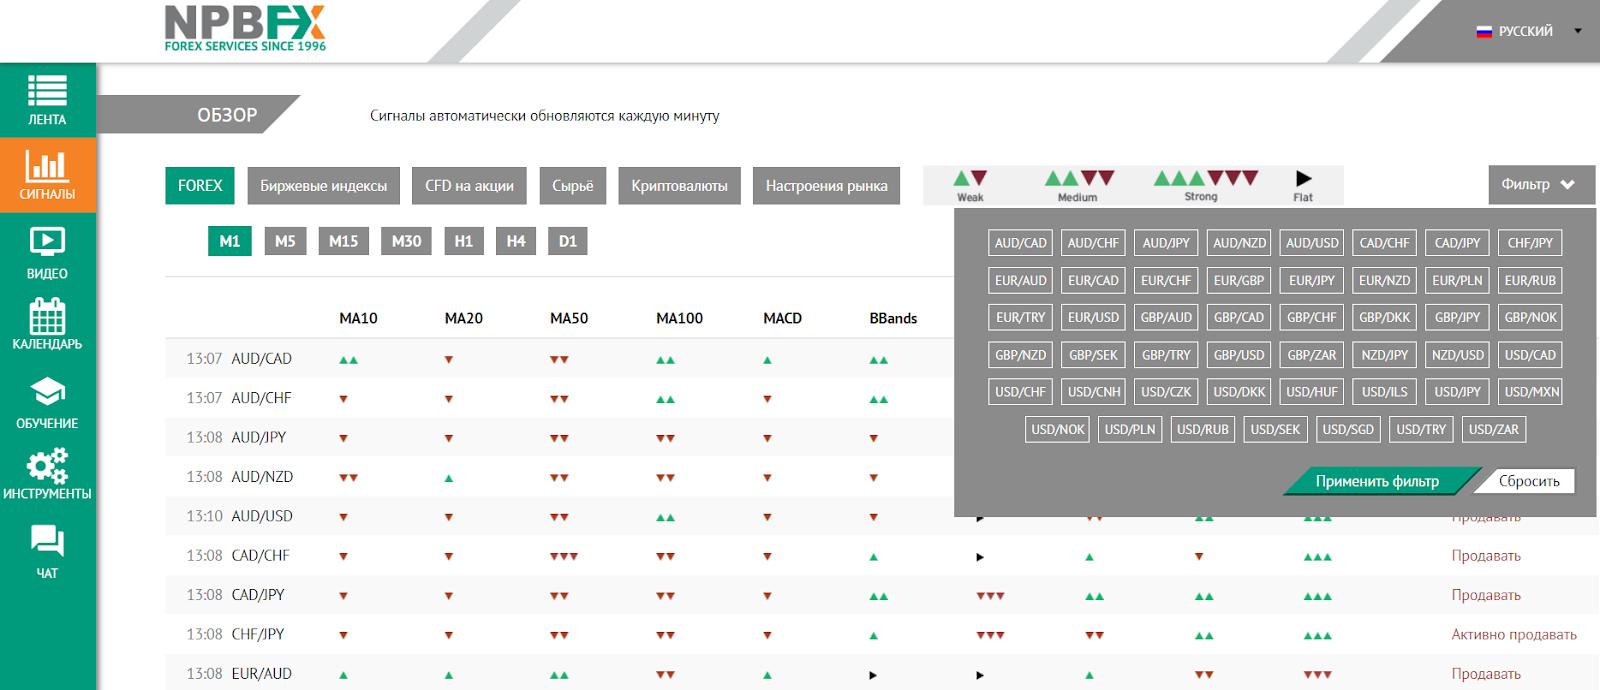 Раздел «Сигналы» Аналитического портала NPBFX